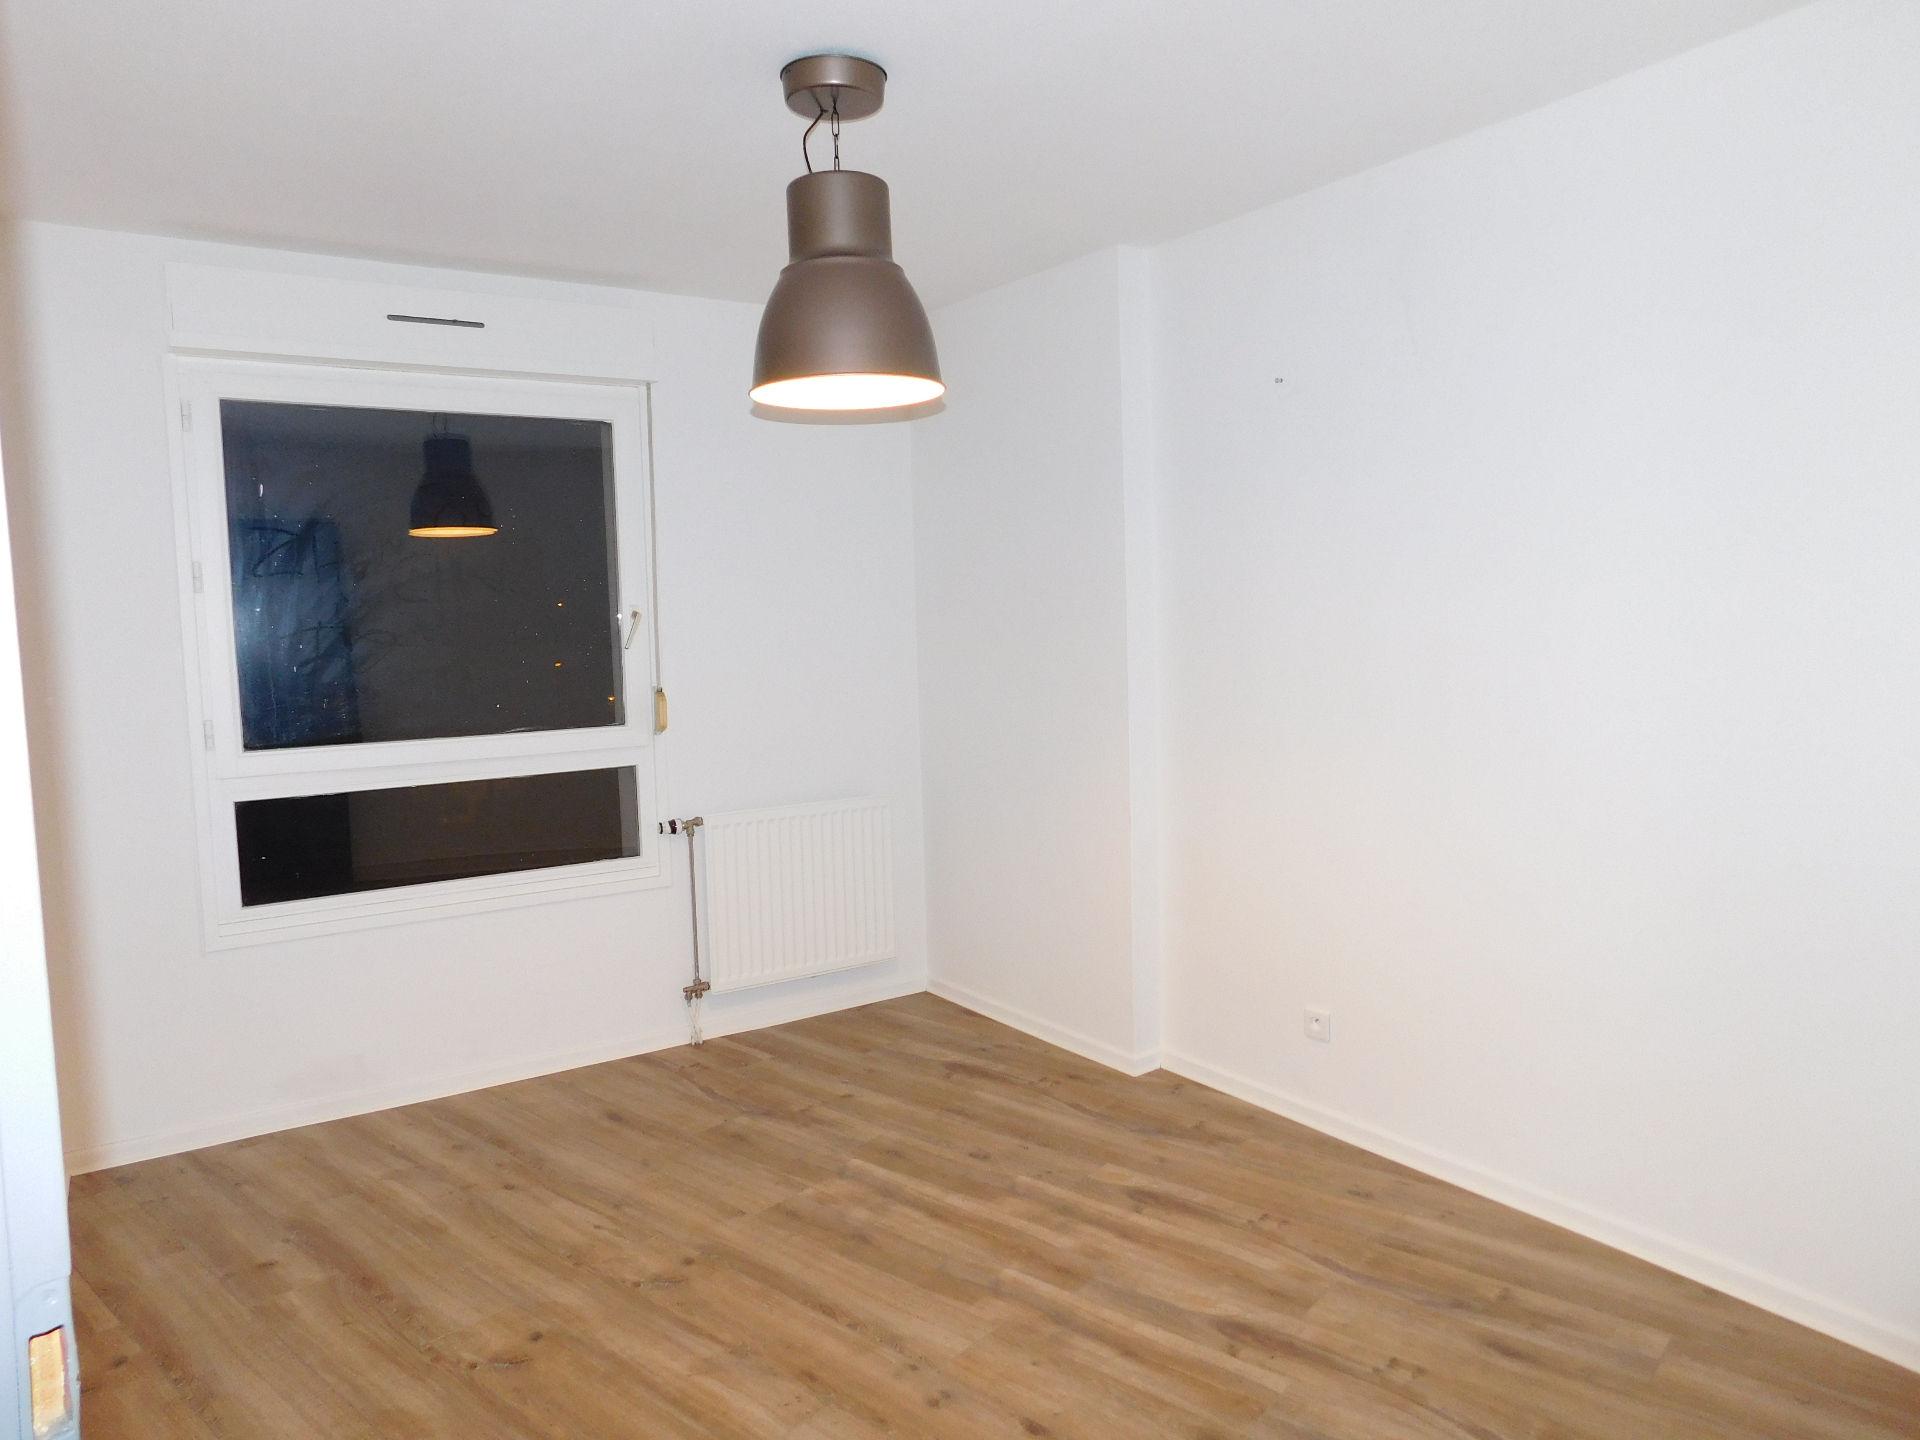 Location appartement Bordeaux : déterminer une meilleure offre